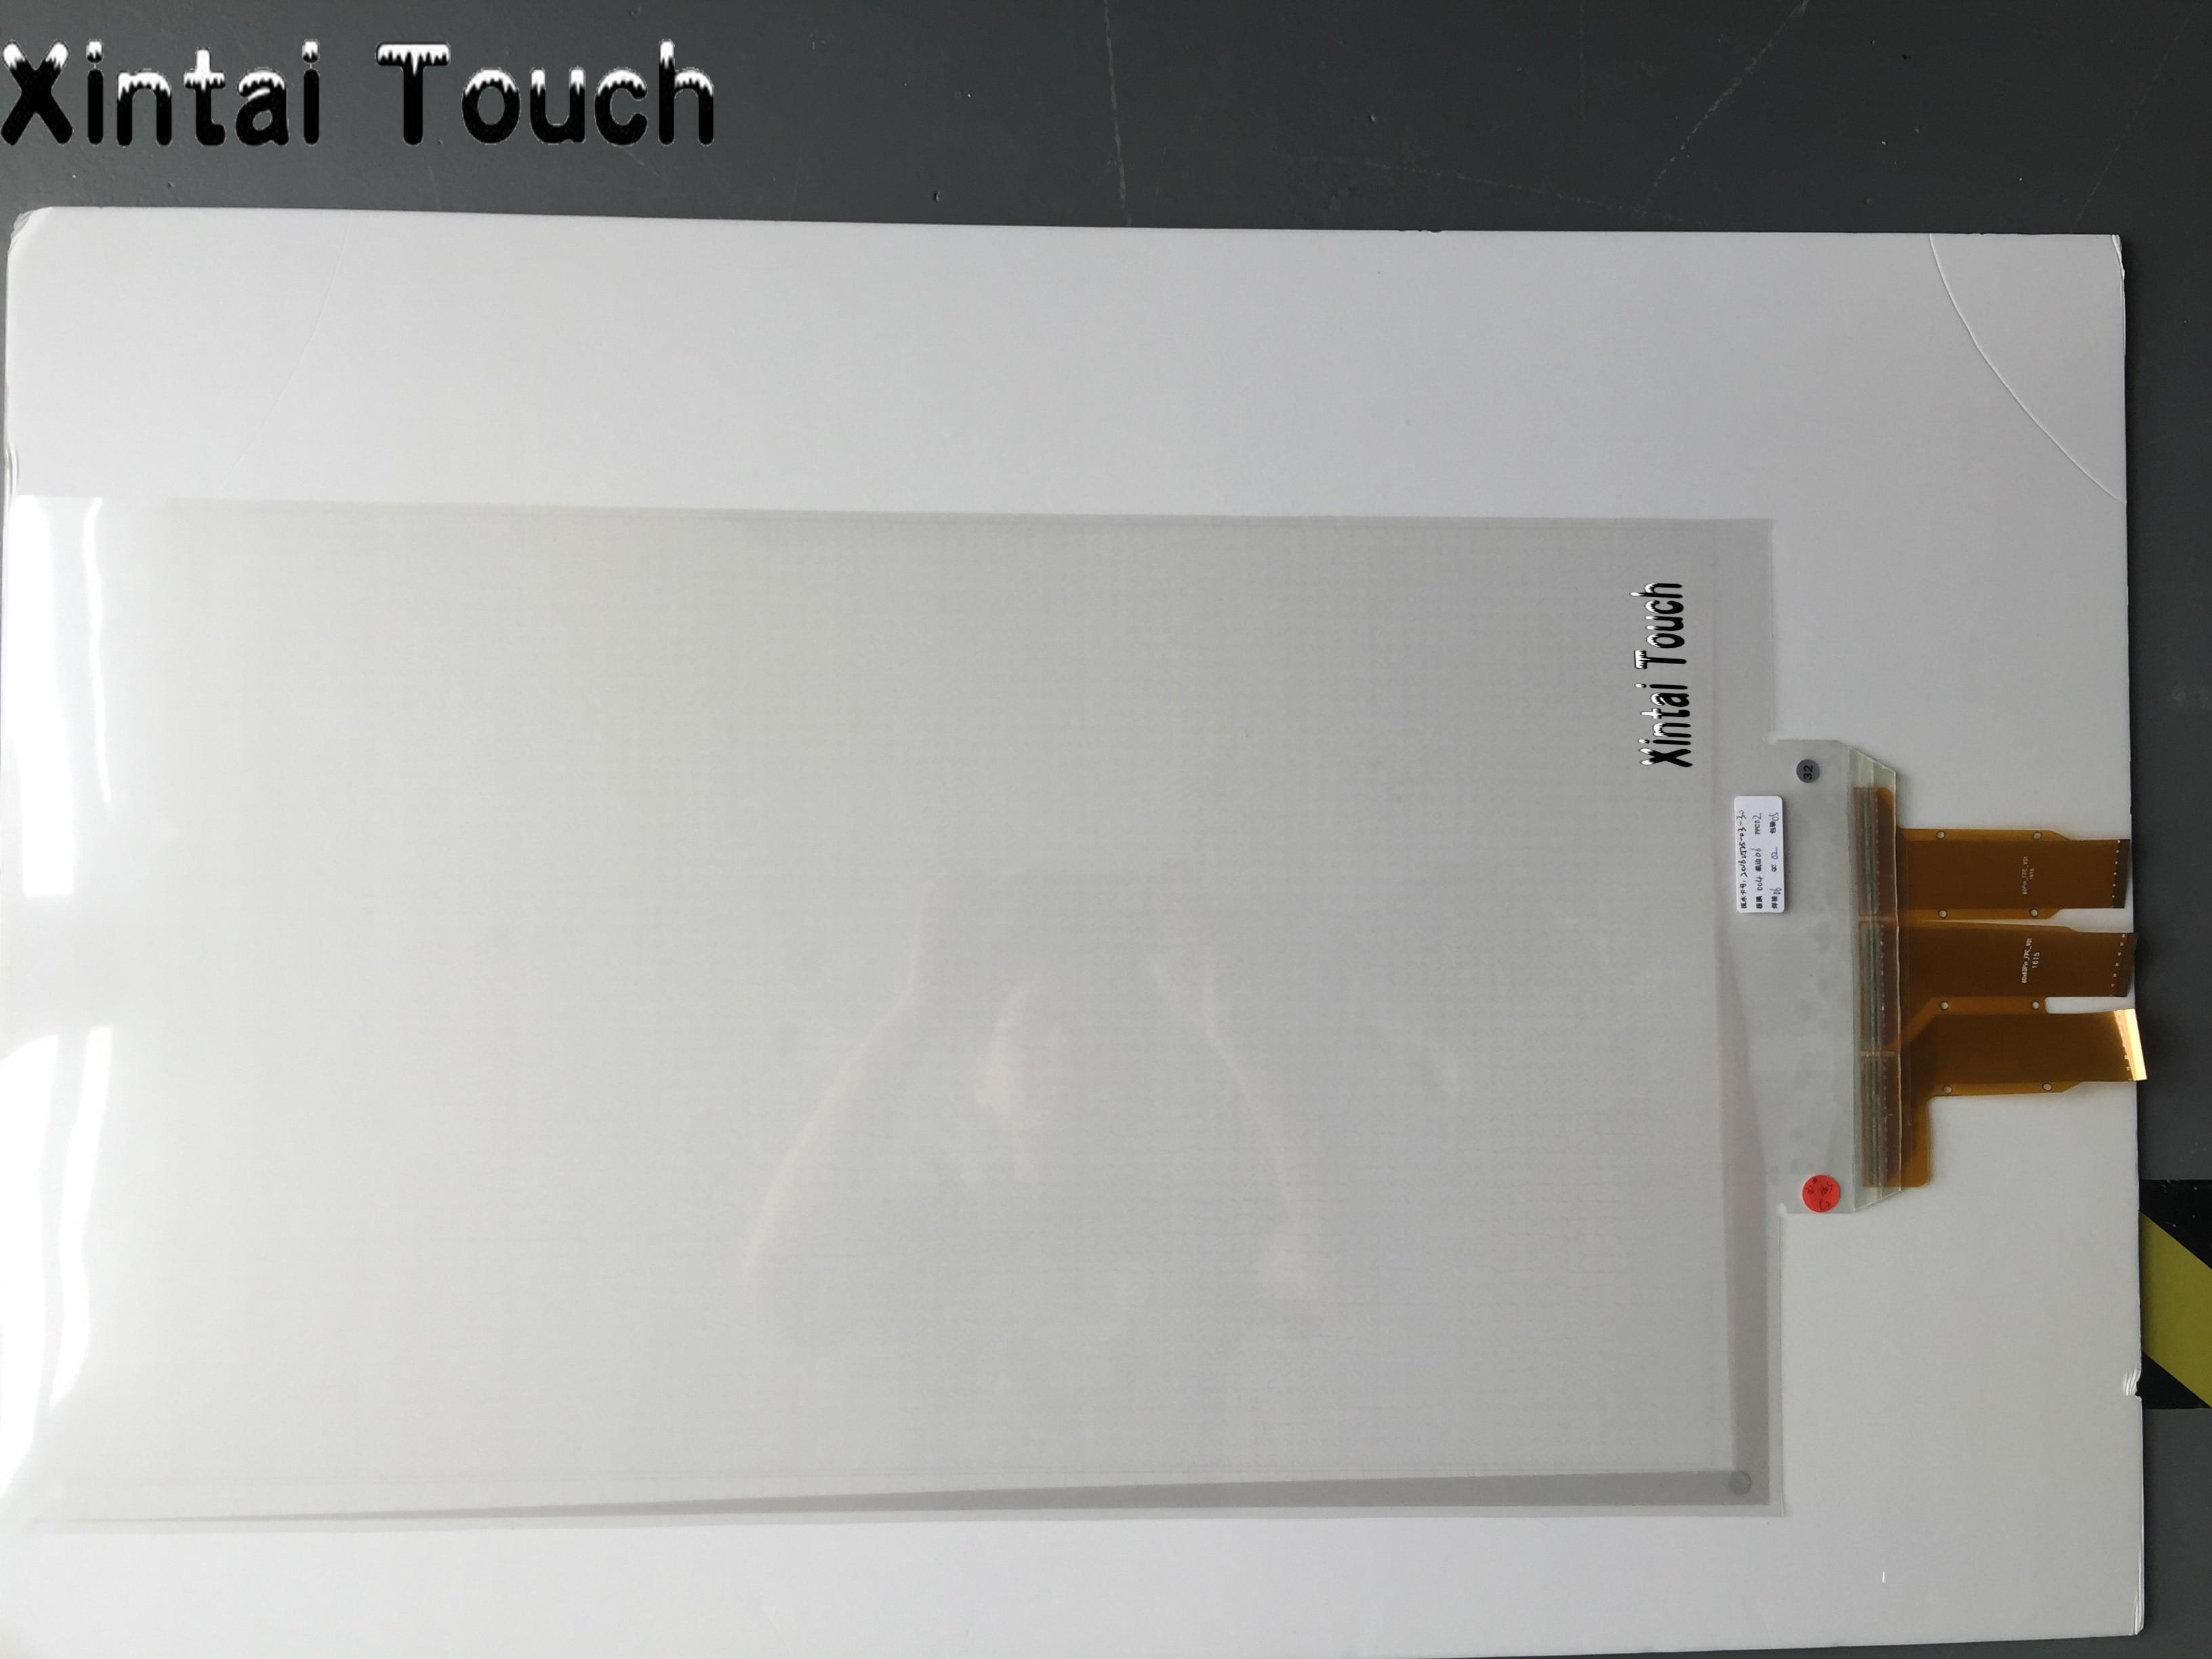 32 дюймов 2 точки мульти емкостный сенсорный фольги, двойной мульти сенсорный экран пленка для сенсорного киоска